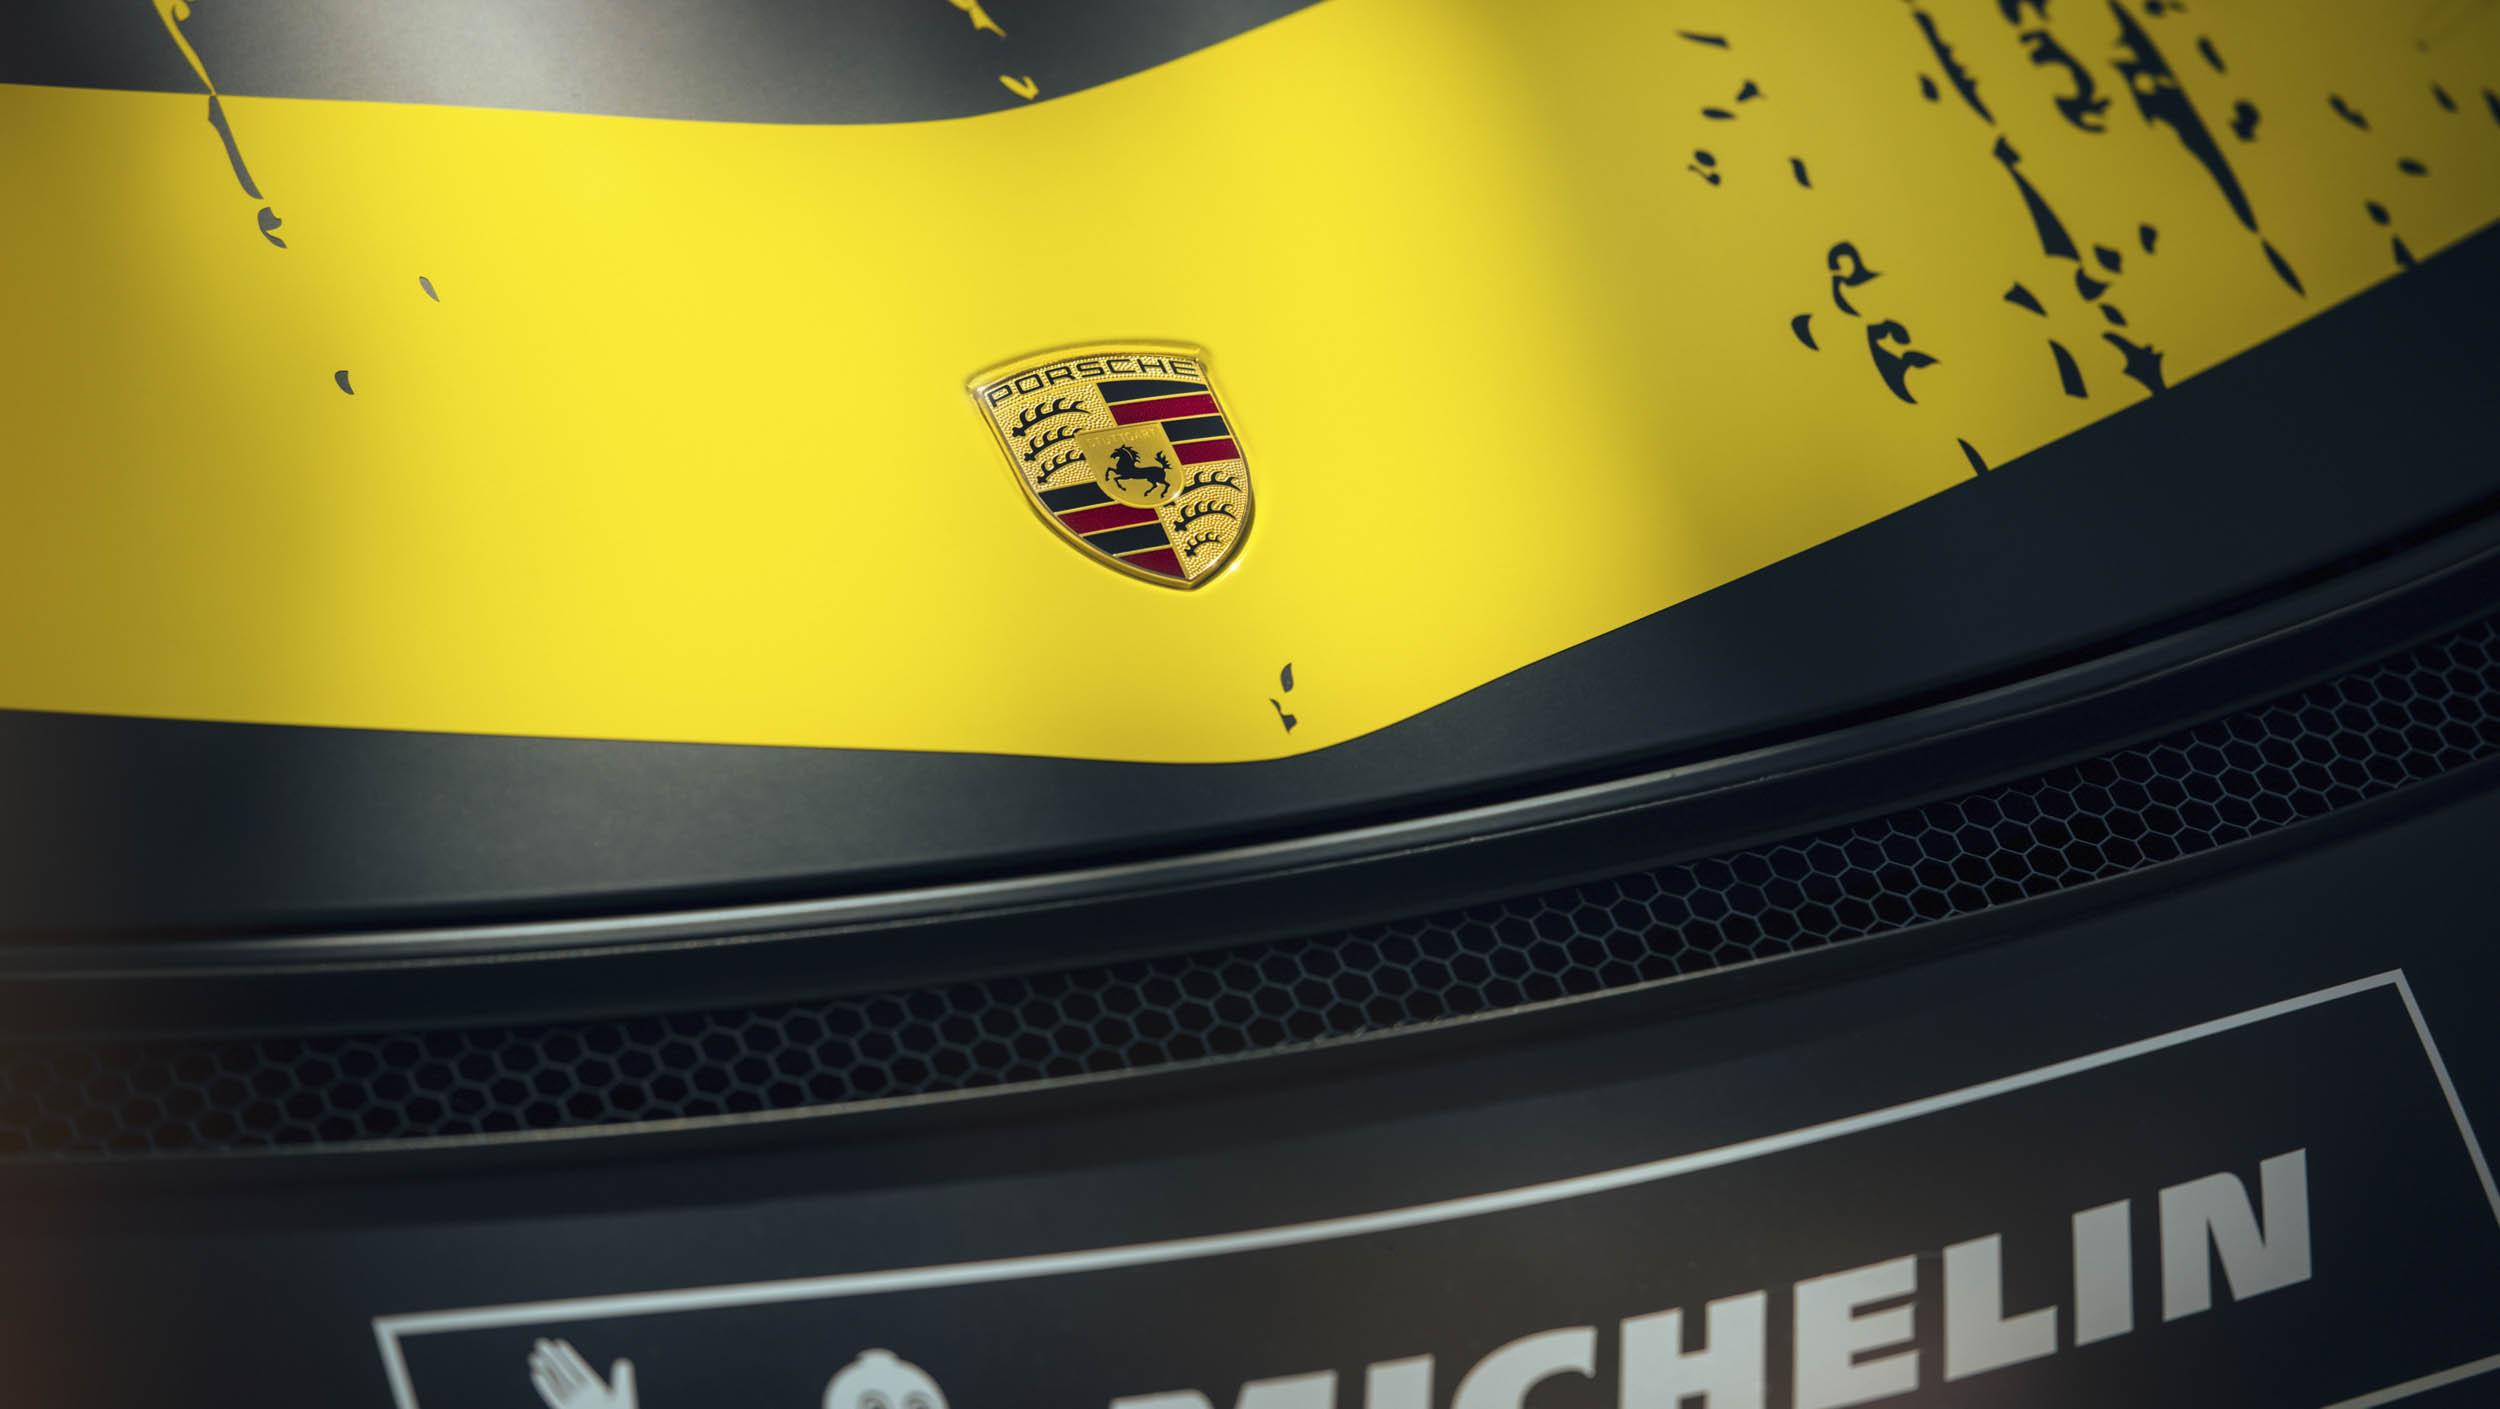 2019 Porsche 718 Cayman GT4 Clubsport badge